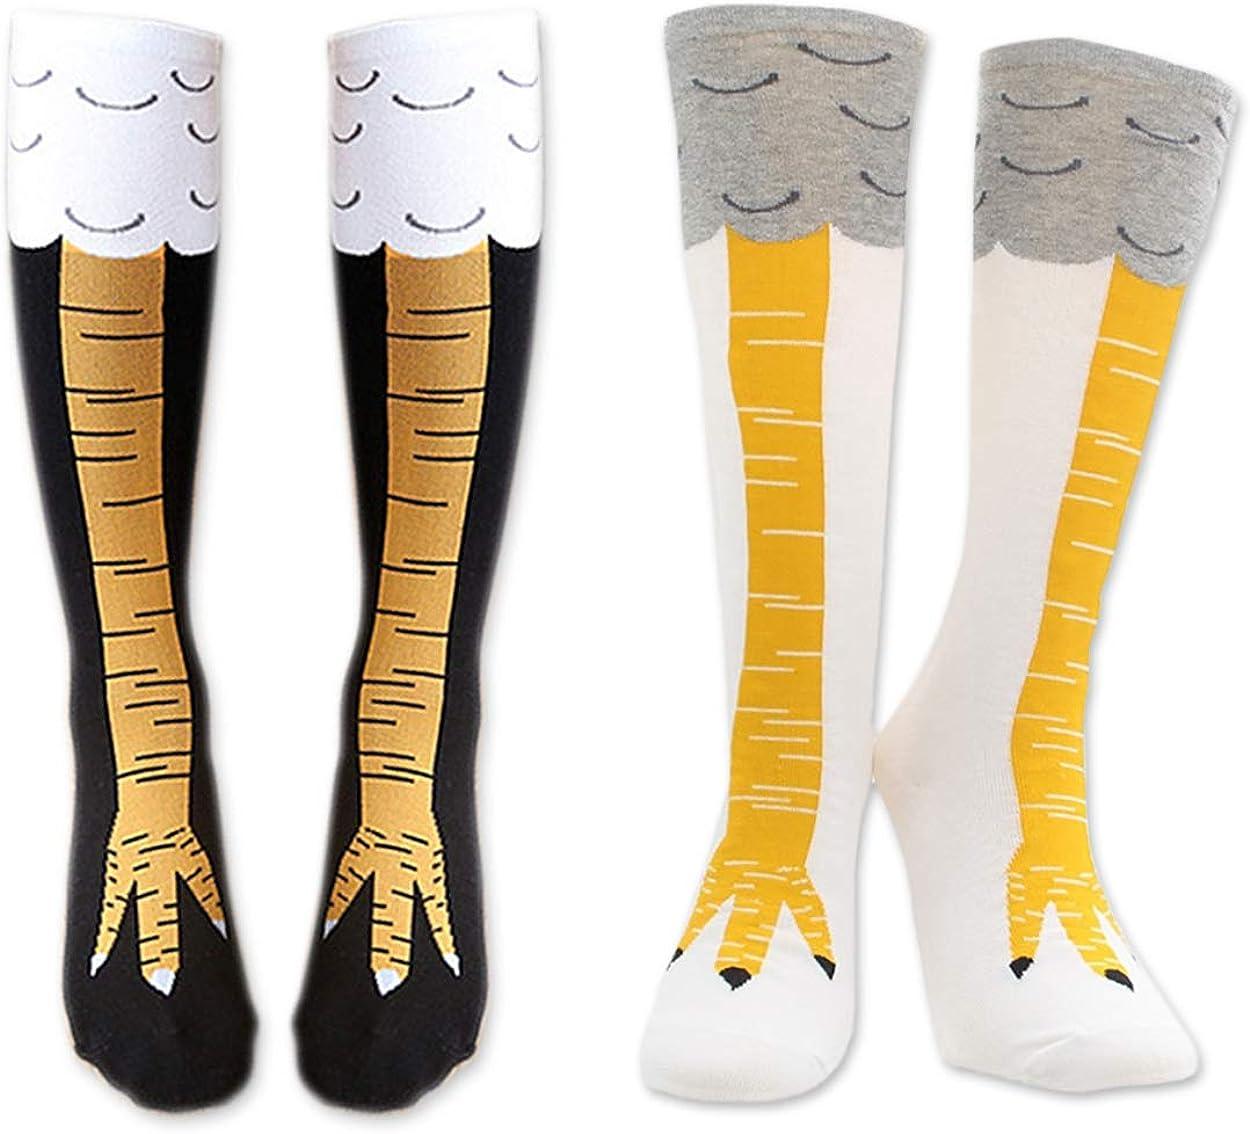 DS. DISTINCTIVE STYLE Women Chicken Leg Knee High Cotton Socks Size M